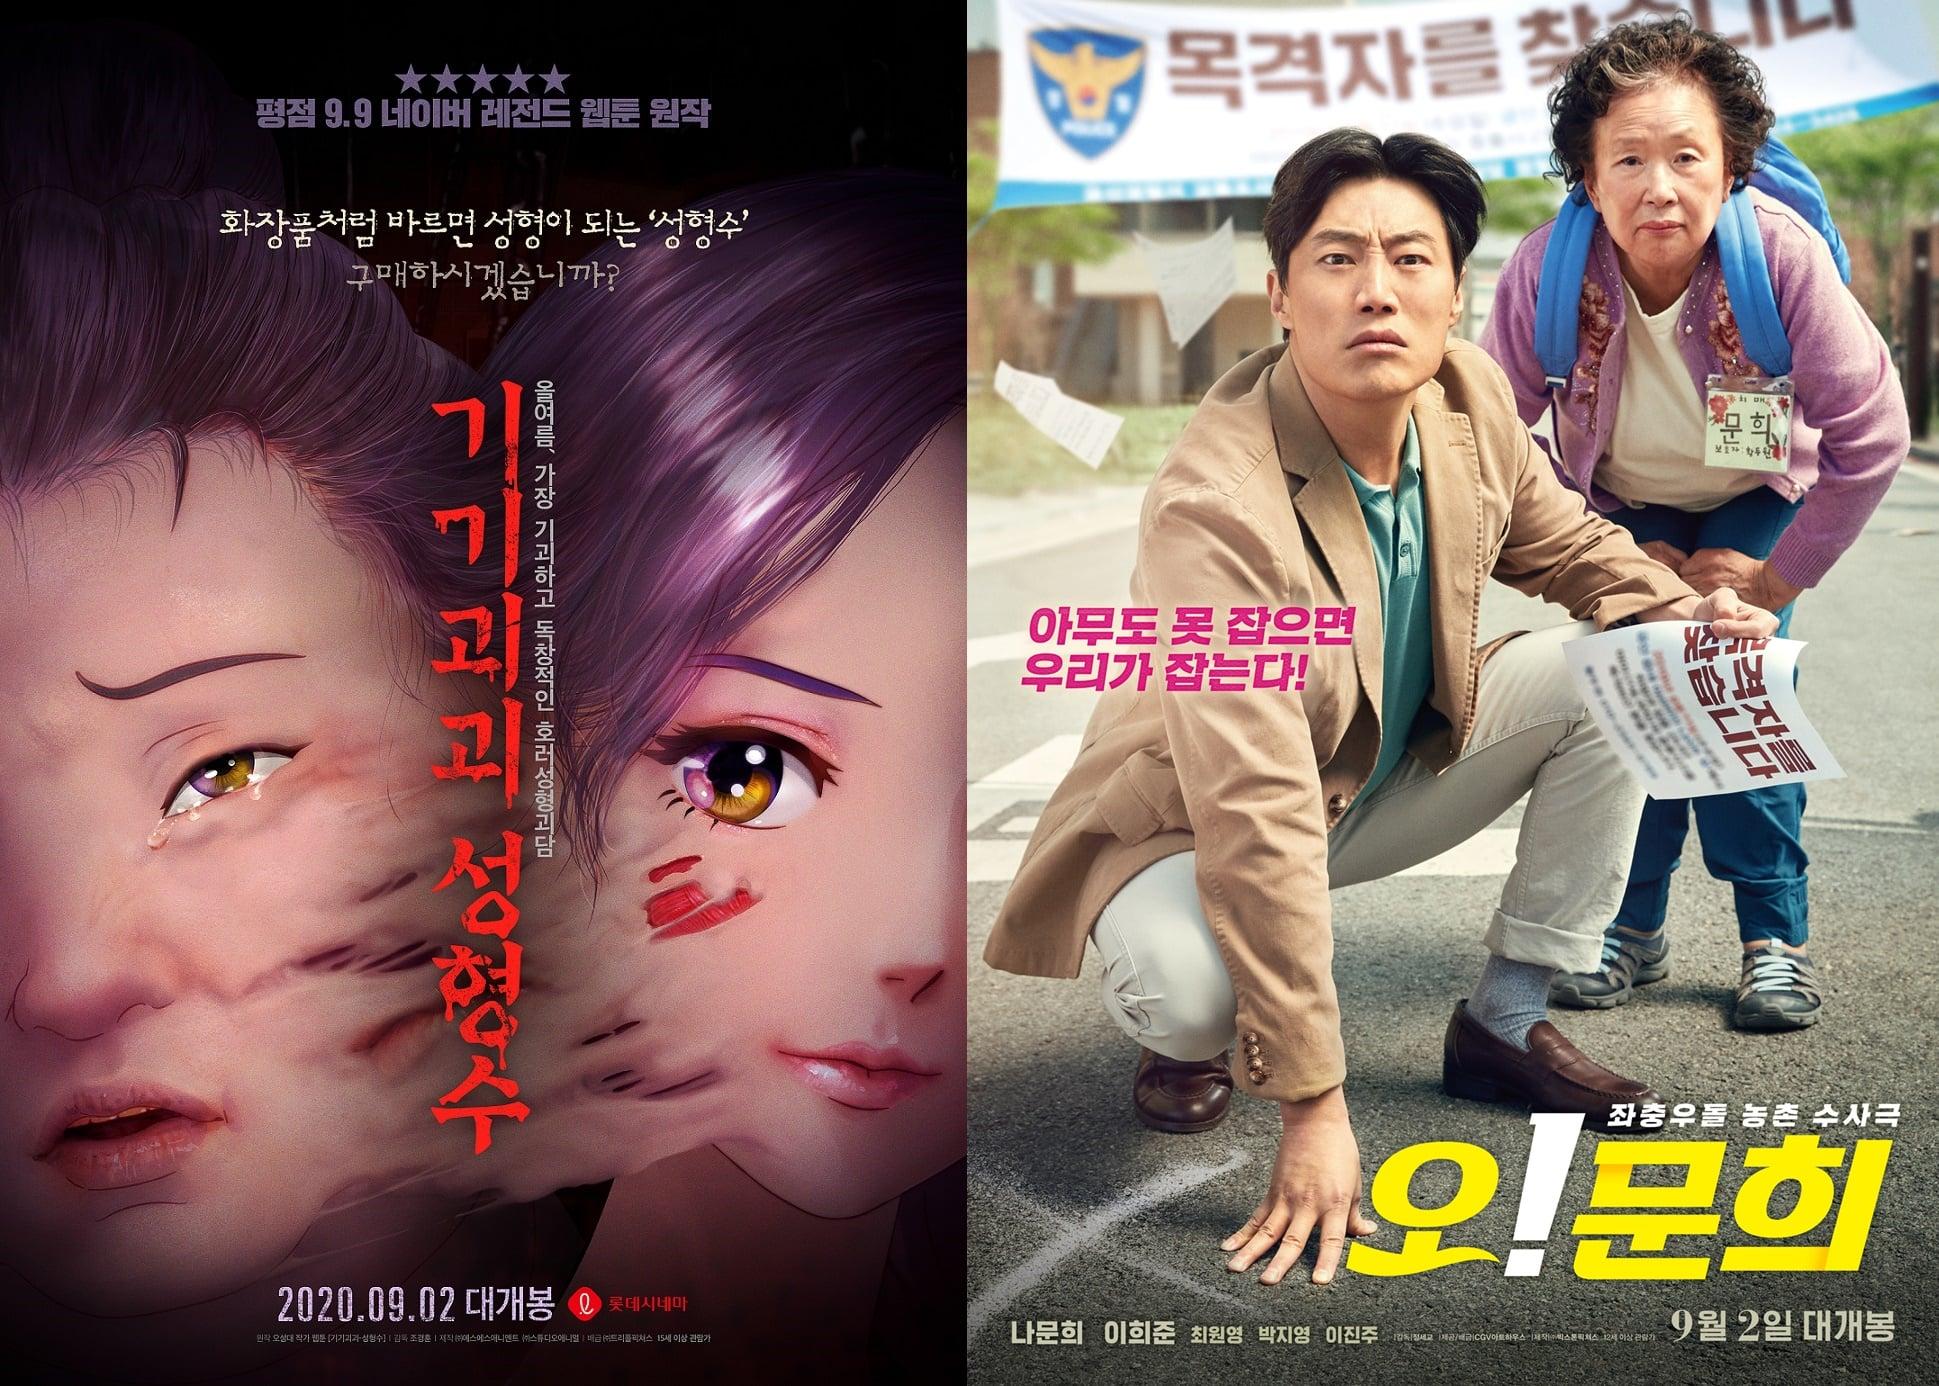 영화 '기기괴괴 성형수', '오!문희' 포스터. 사진 (주)트리플픽쳐스, CGV 아트하우스